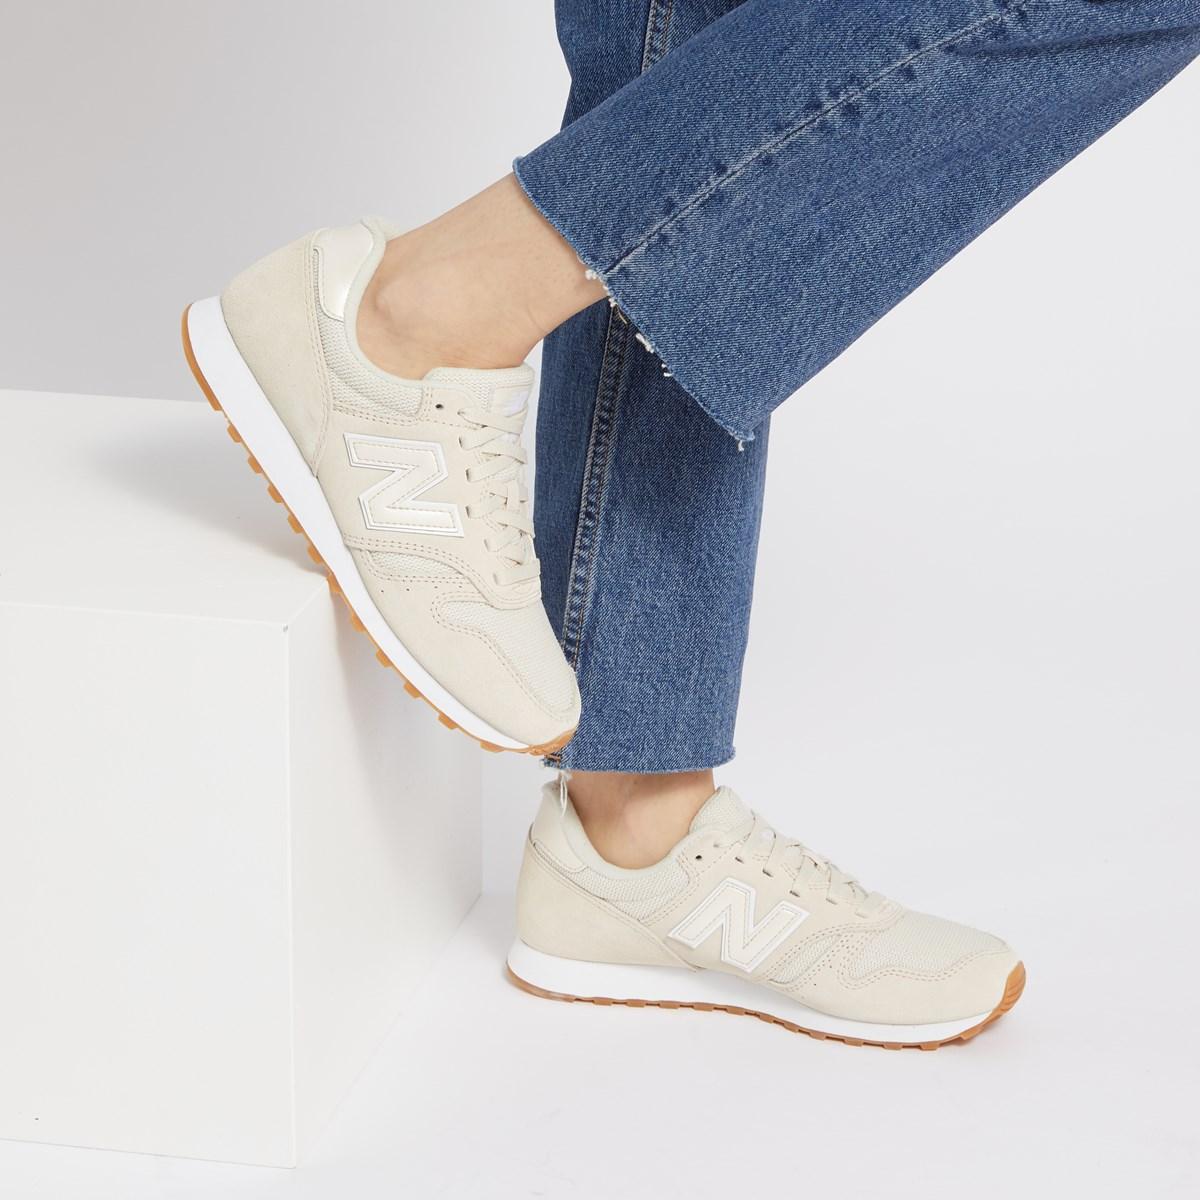 Women's 373 Sneaker in Beige